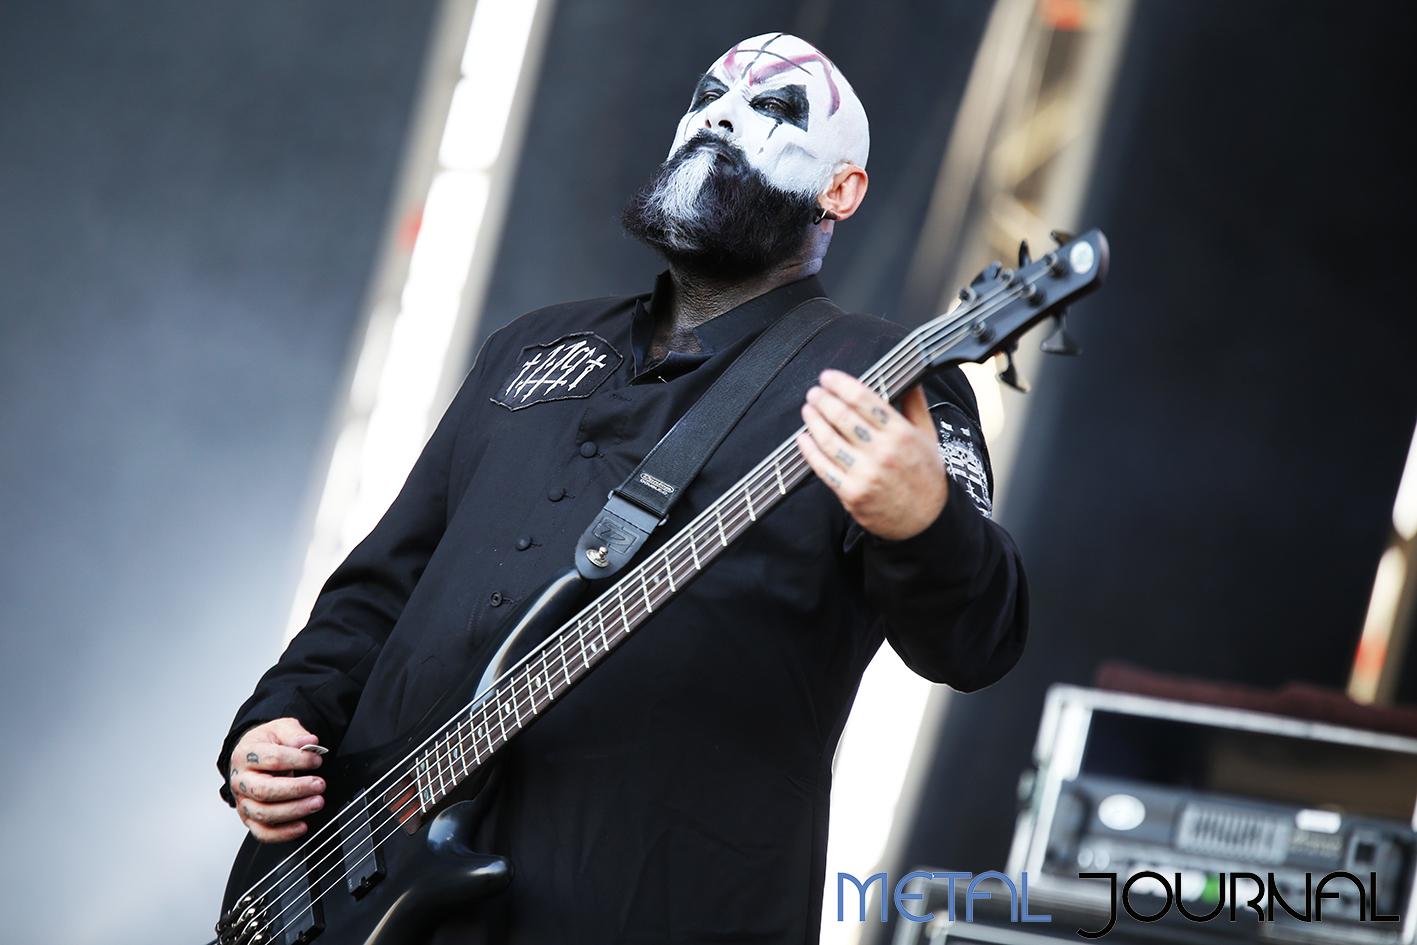 lacuna coil - leyendas del rock 2019 metal journal pic 7